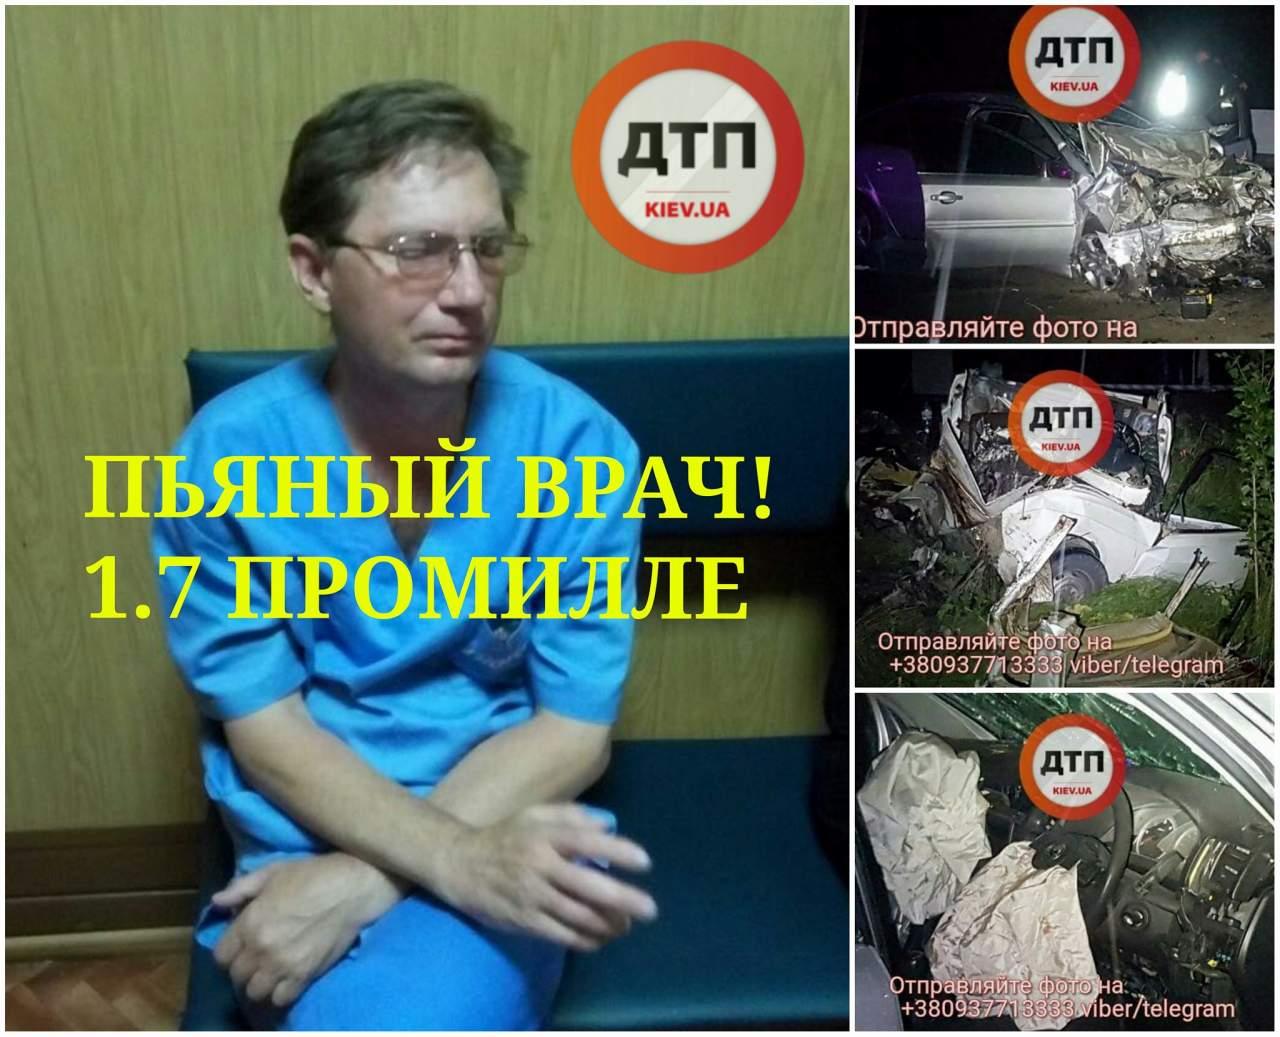 Пострадавших в ужасном ДТП в Борисполе принимал пьяный врач (фото)